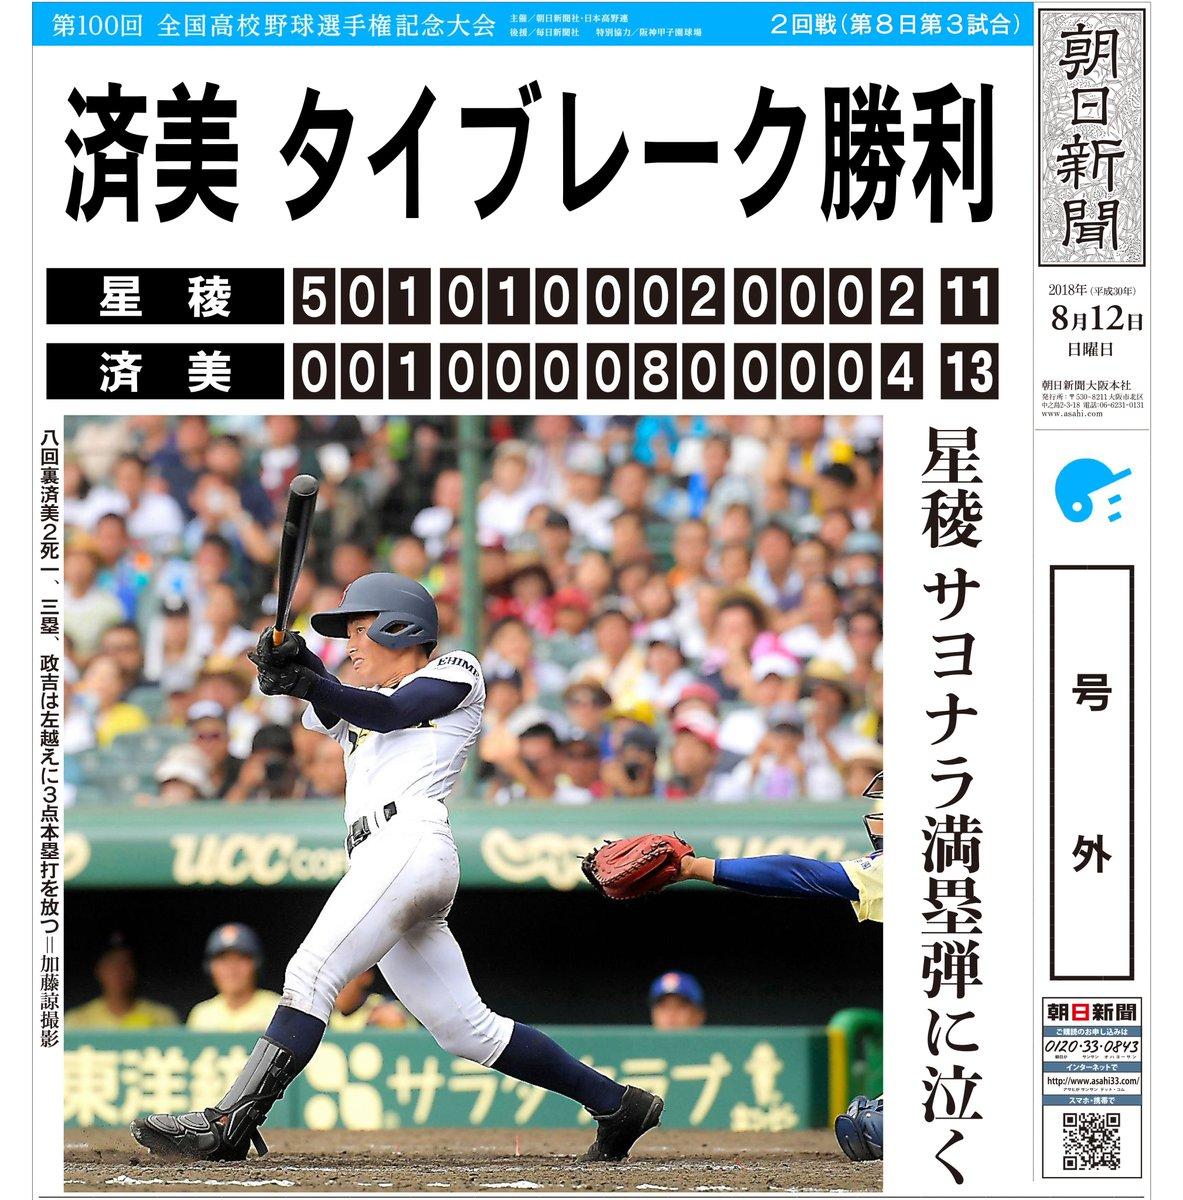 test ツイッターメディア - 済美が逆転サヨナラ満塁弾でタイブレークを制した号外紙面です。 詳細はバーチャル高校野球でチェック👀 https://t.co/3HhClVGWPF https://t.co/Tqbi3eLdO4